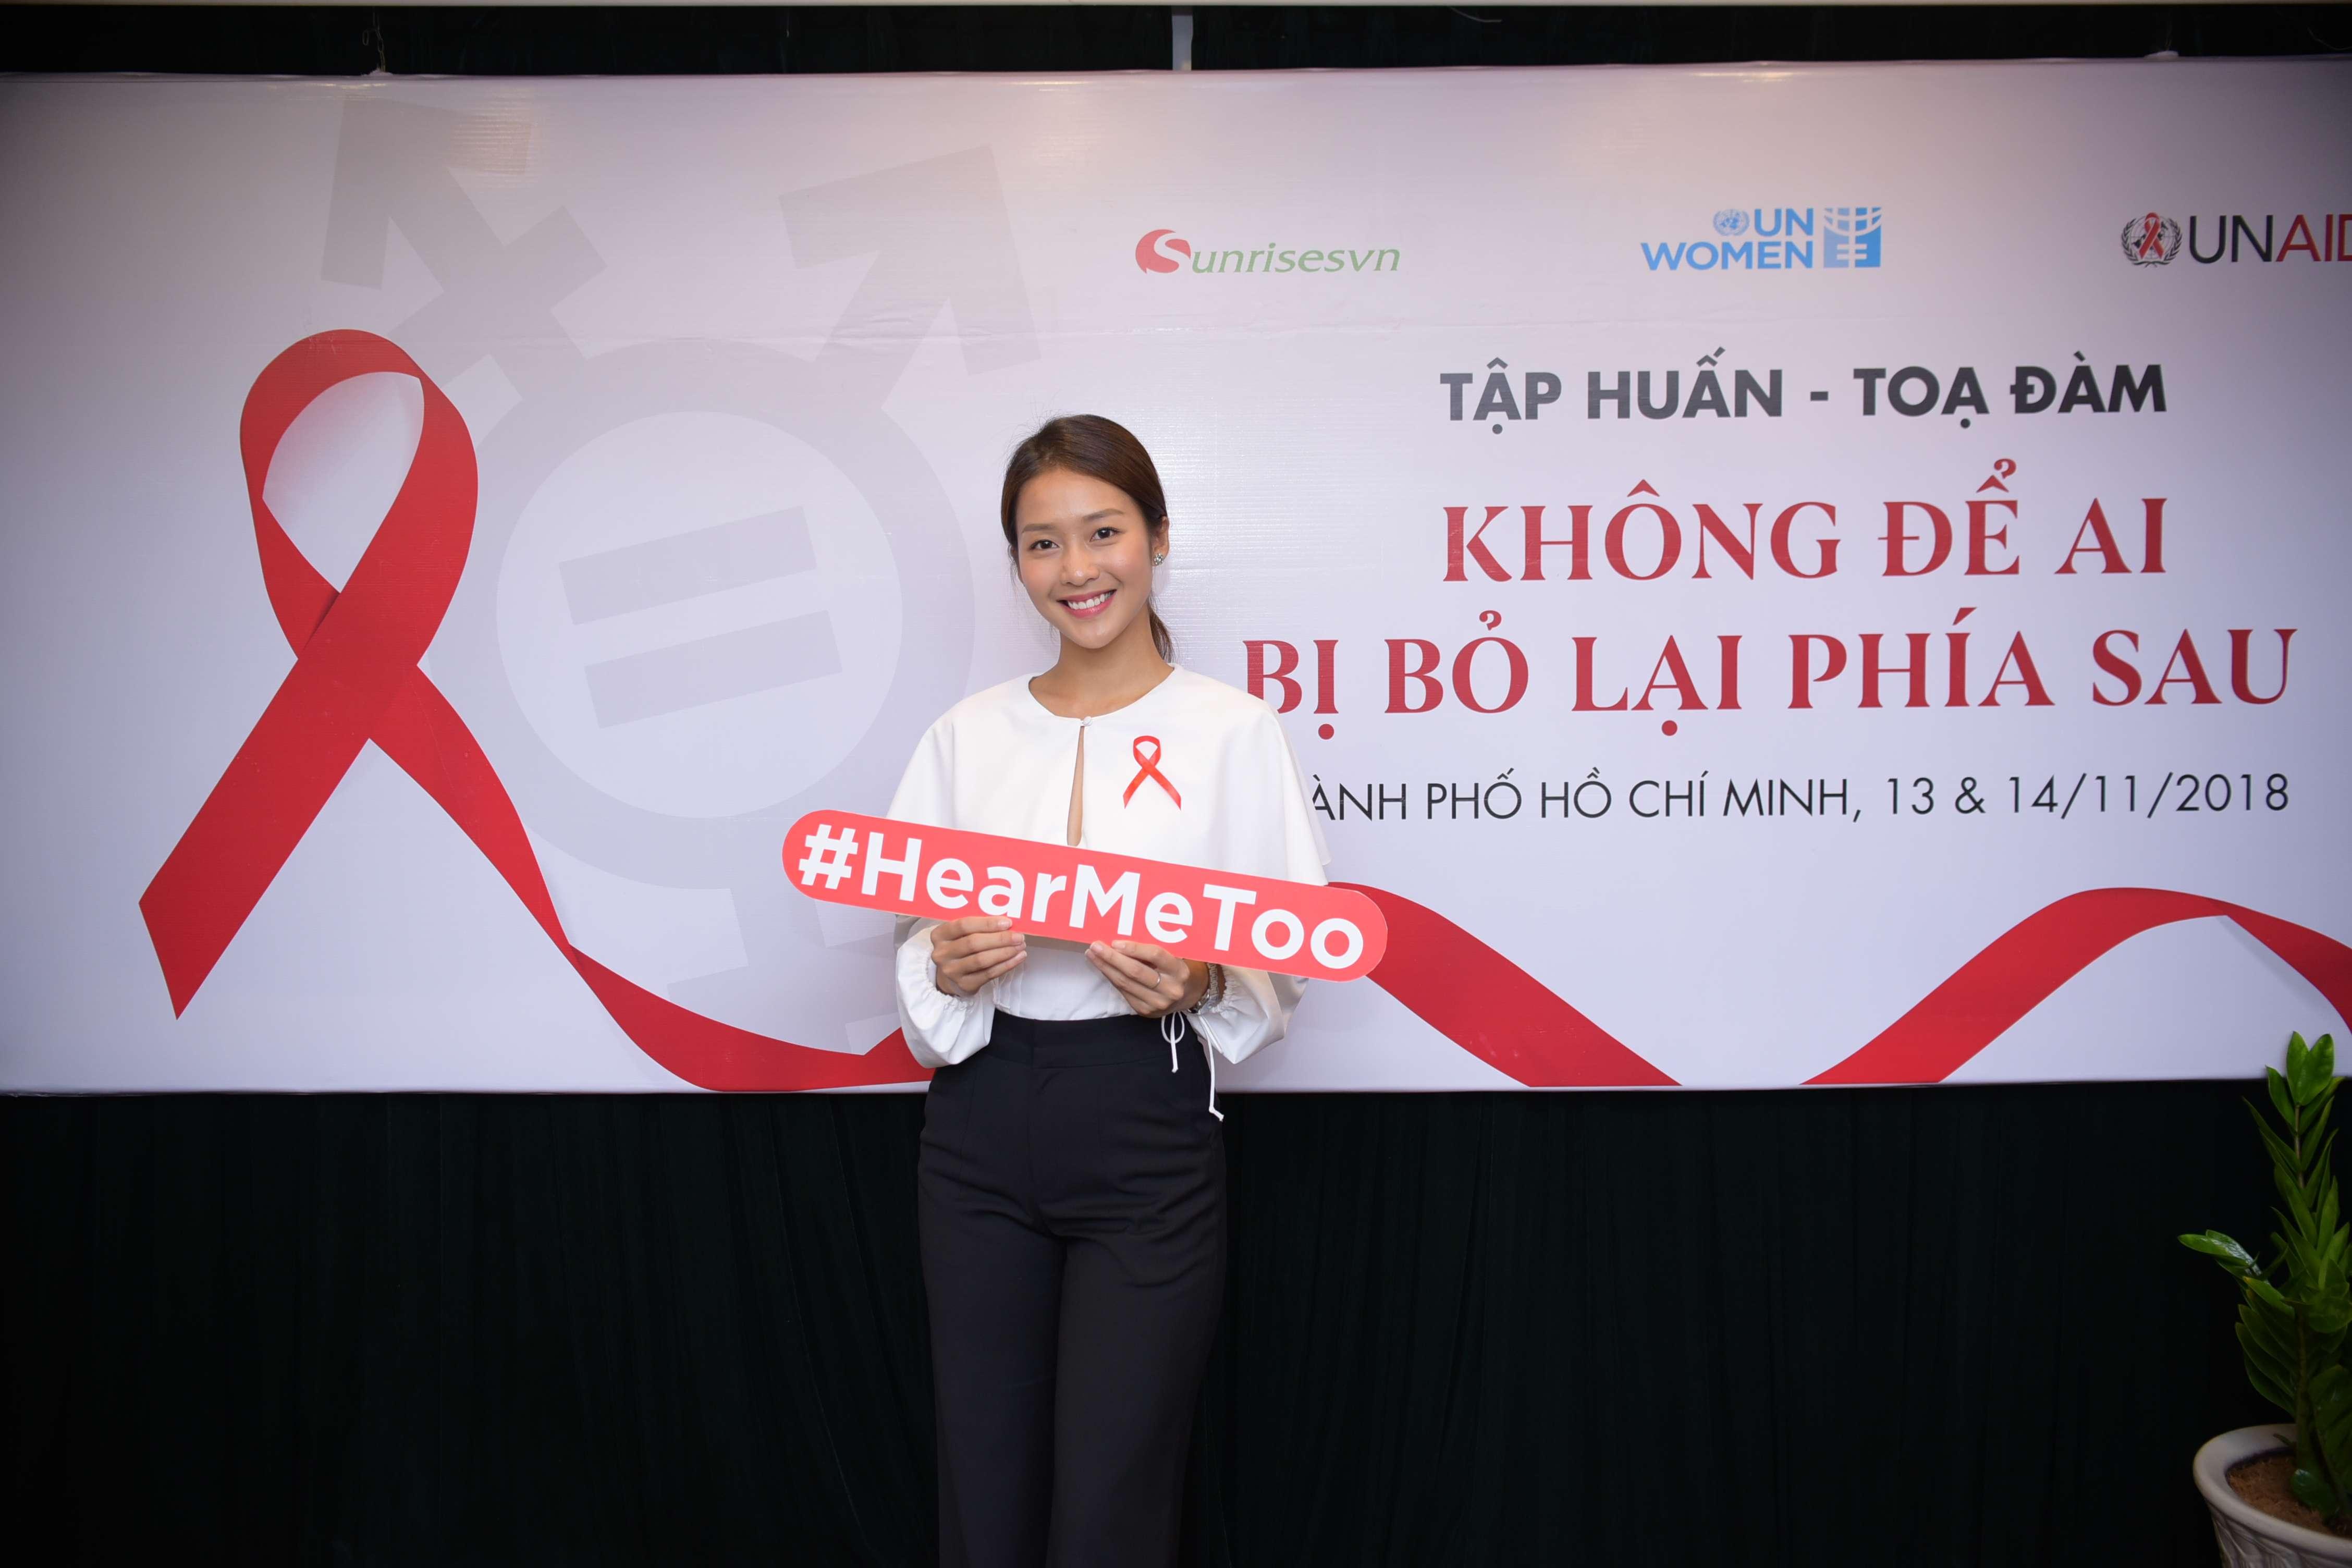 UNWomen – UNAIDS tổ chức tập huấn bình đẳng giới 5